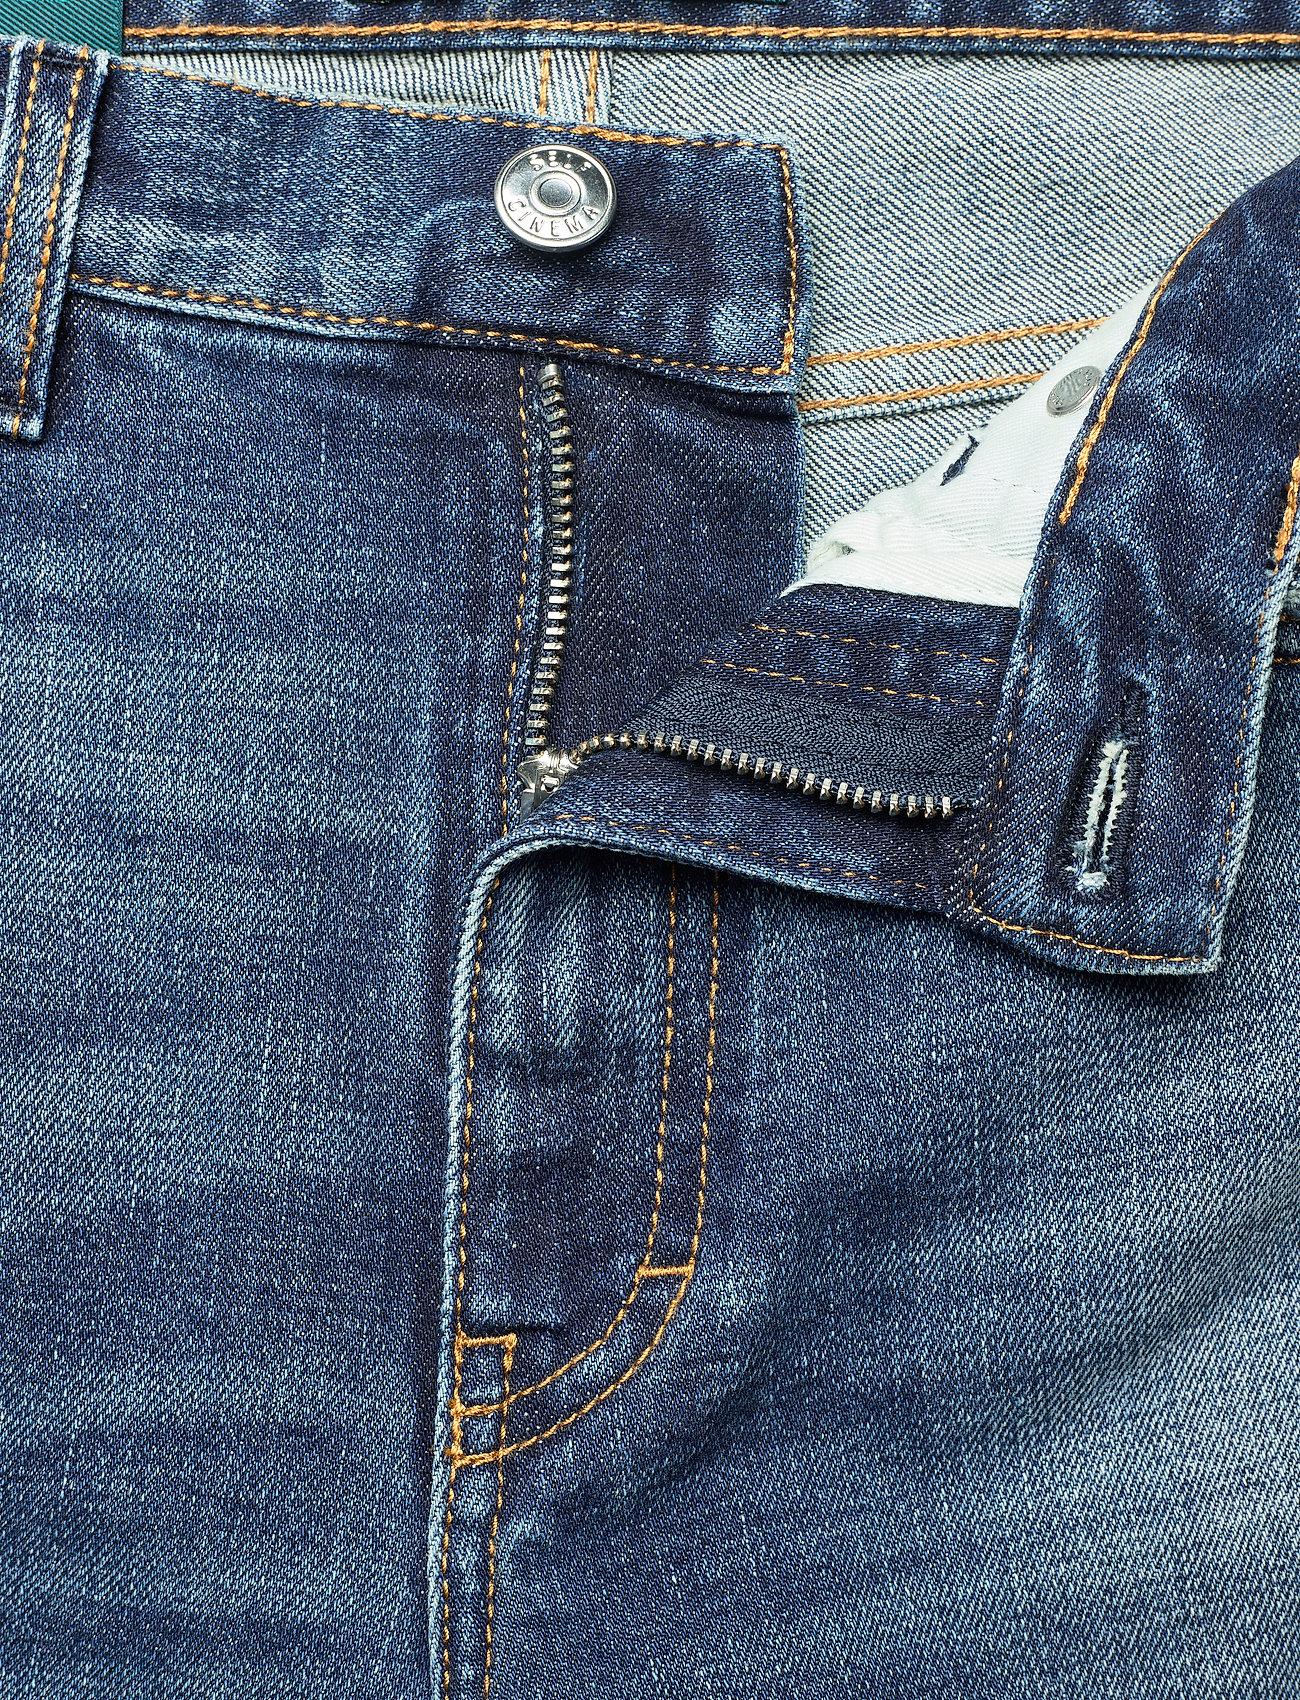 Self Cinema - Womens Slim Straight Jean Embroidered - straight regular - mid blue vintage - 3